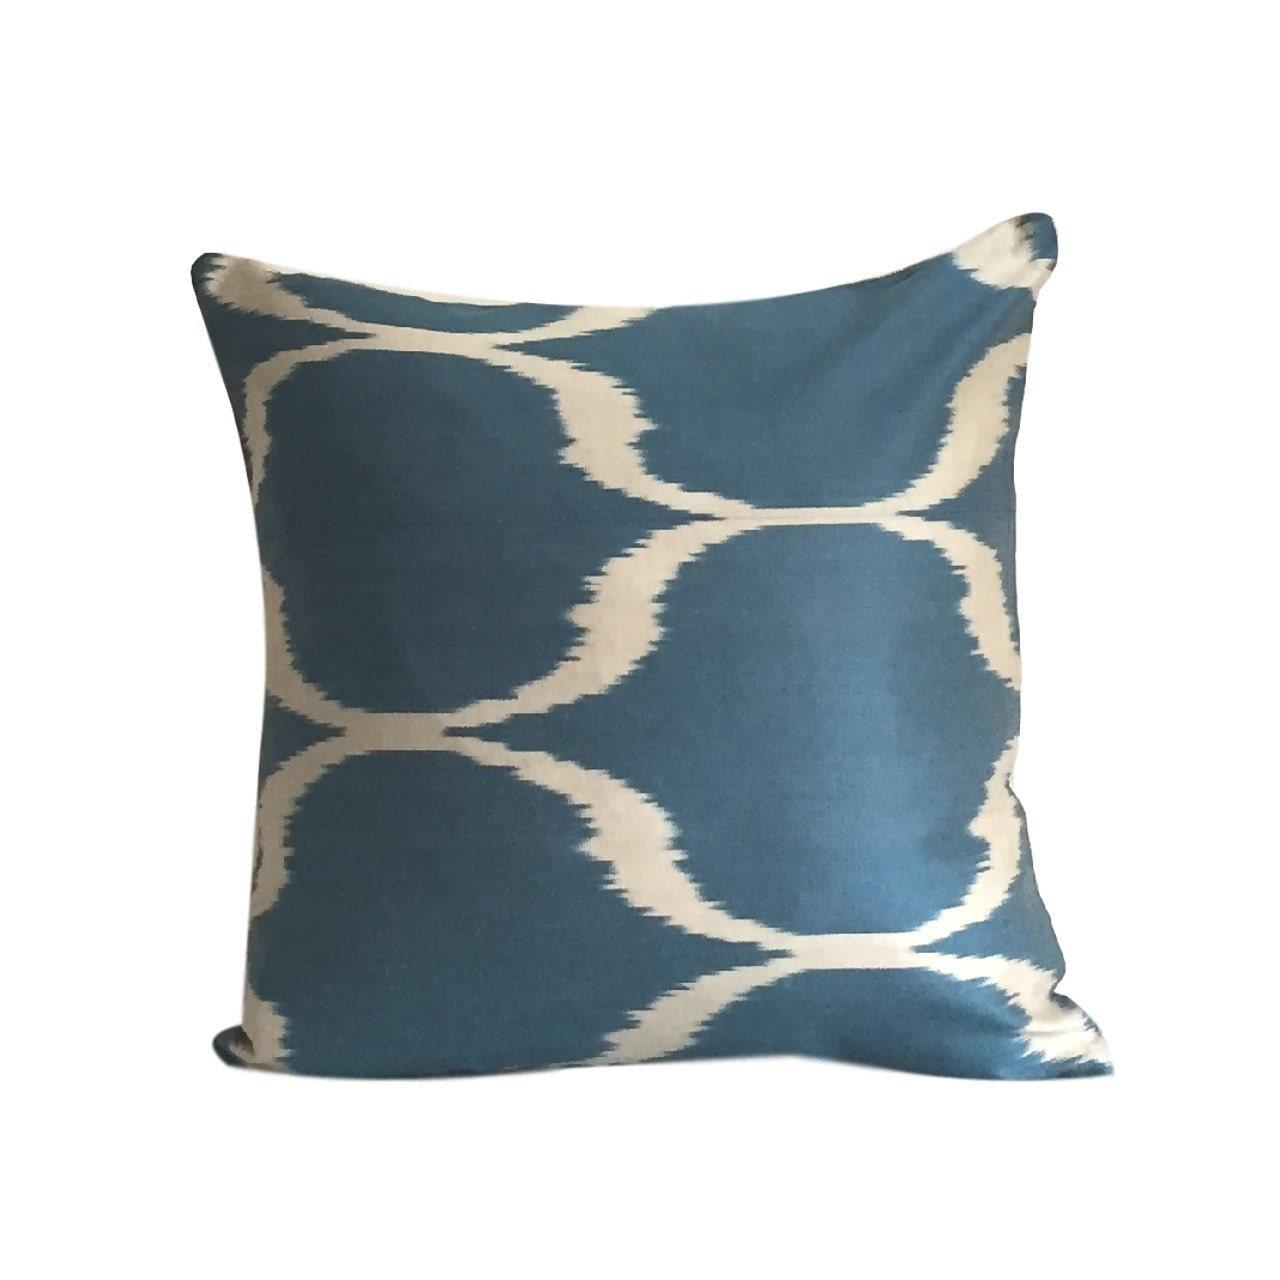 blaue ikat kissen kissenbezug 45 x 45 cm. Black Bedroom Furniture Sets. Home Design Ideas